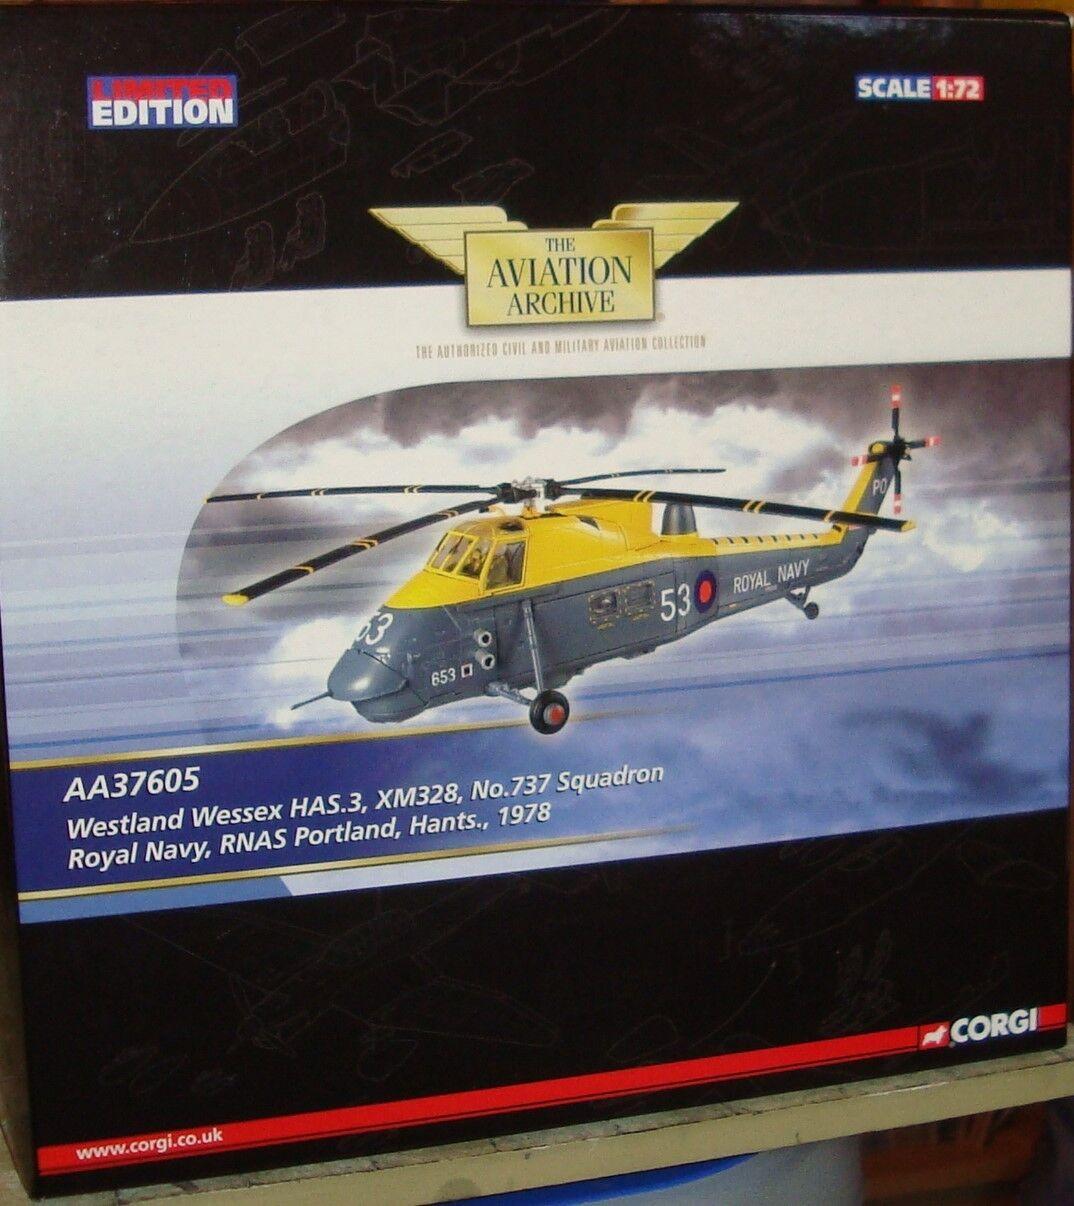 Corgi-Westland Wessex helicóptero HAS.3 - XM328 737 Sqn RNAS Portland -1 72